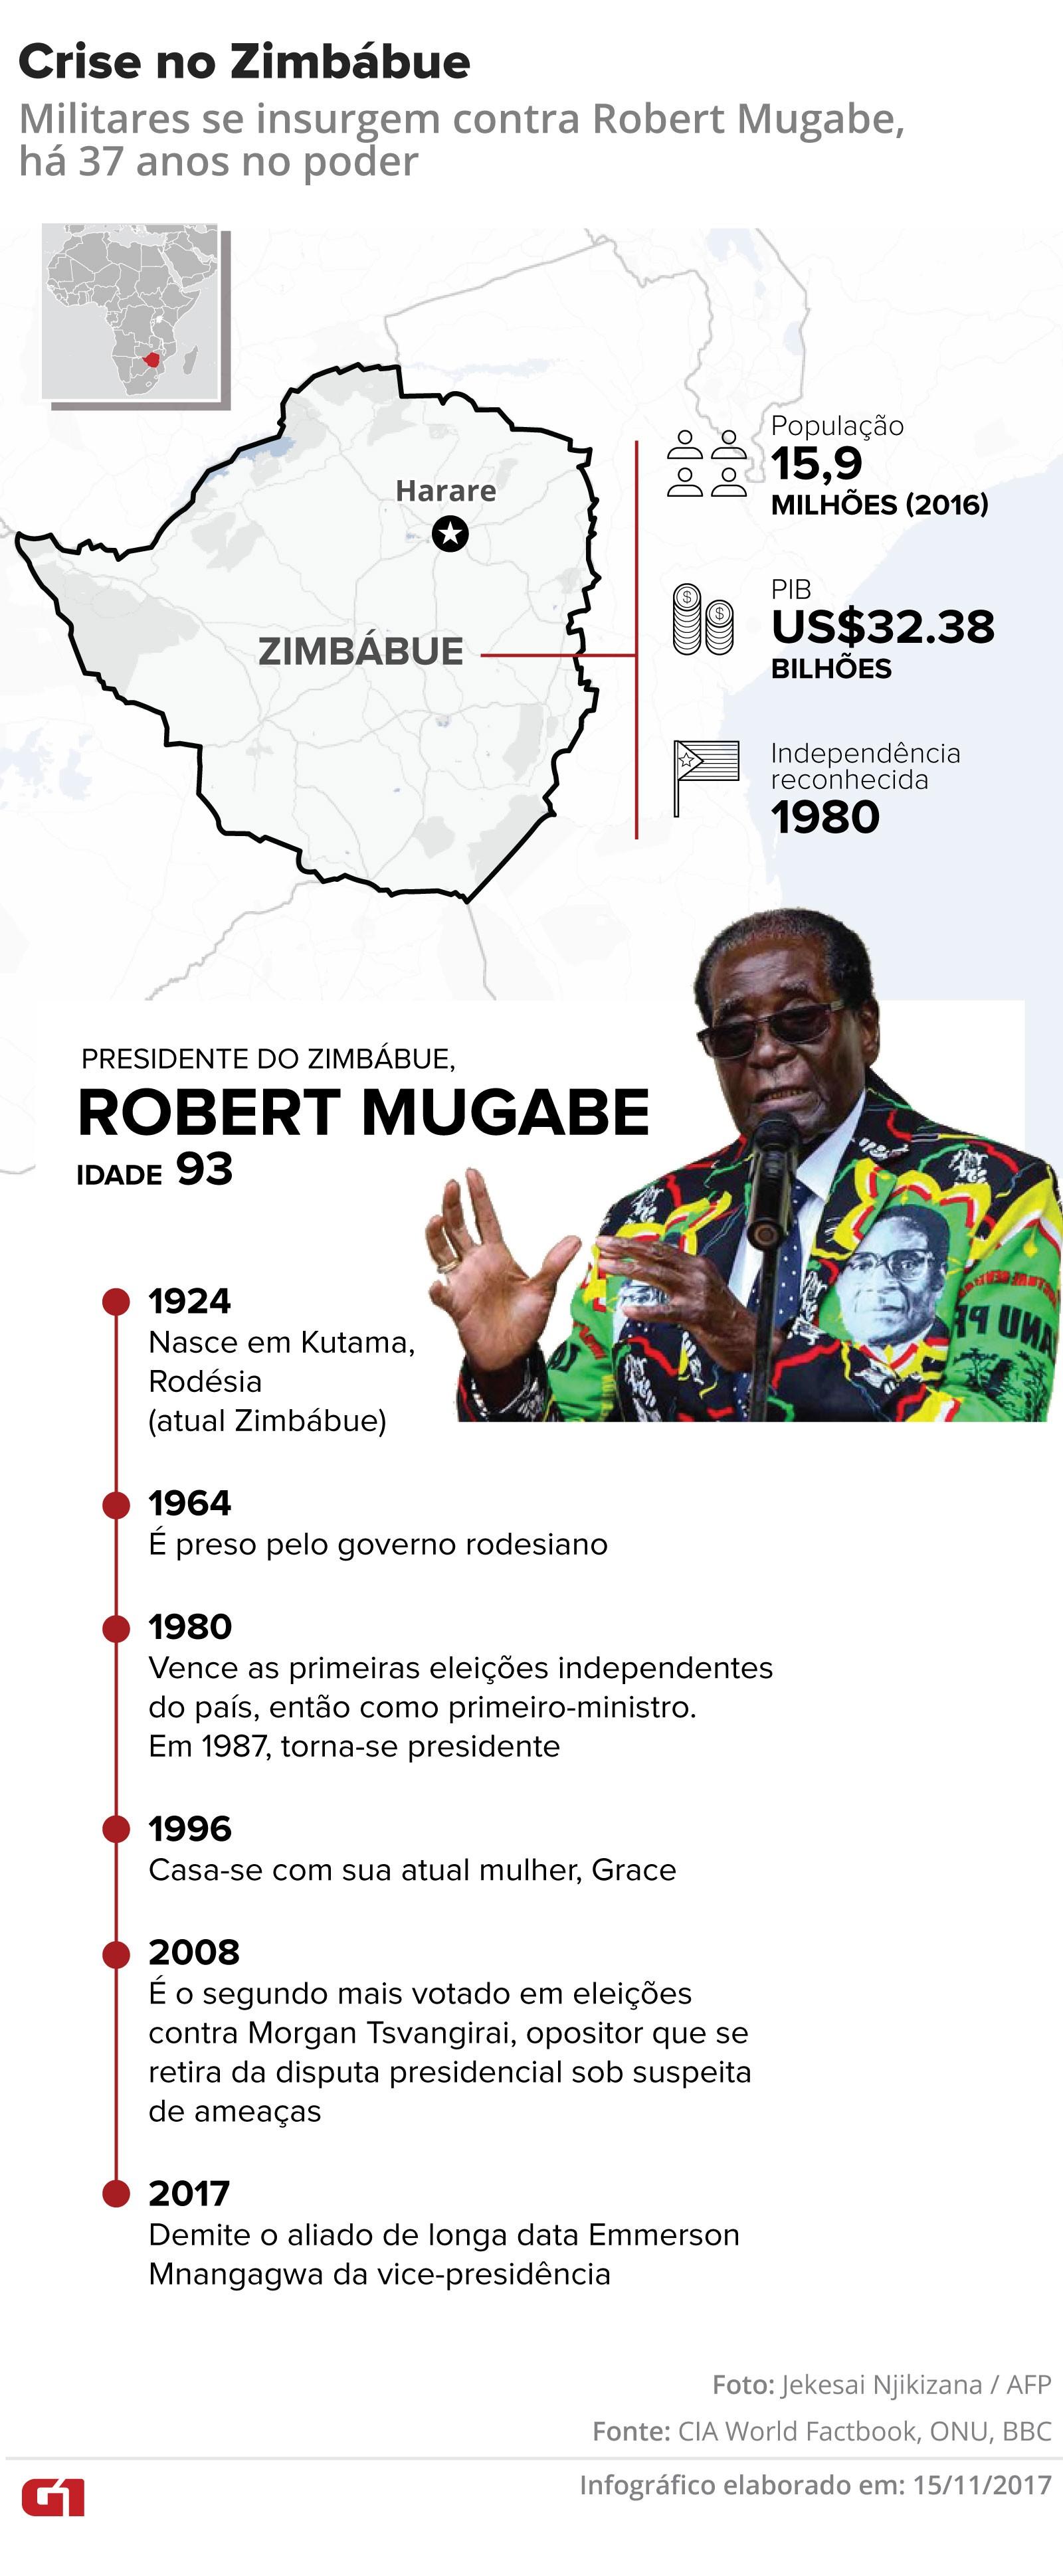 Termina prazo dado para presidente do Zimbábue renunciar